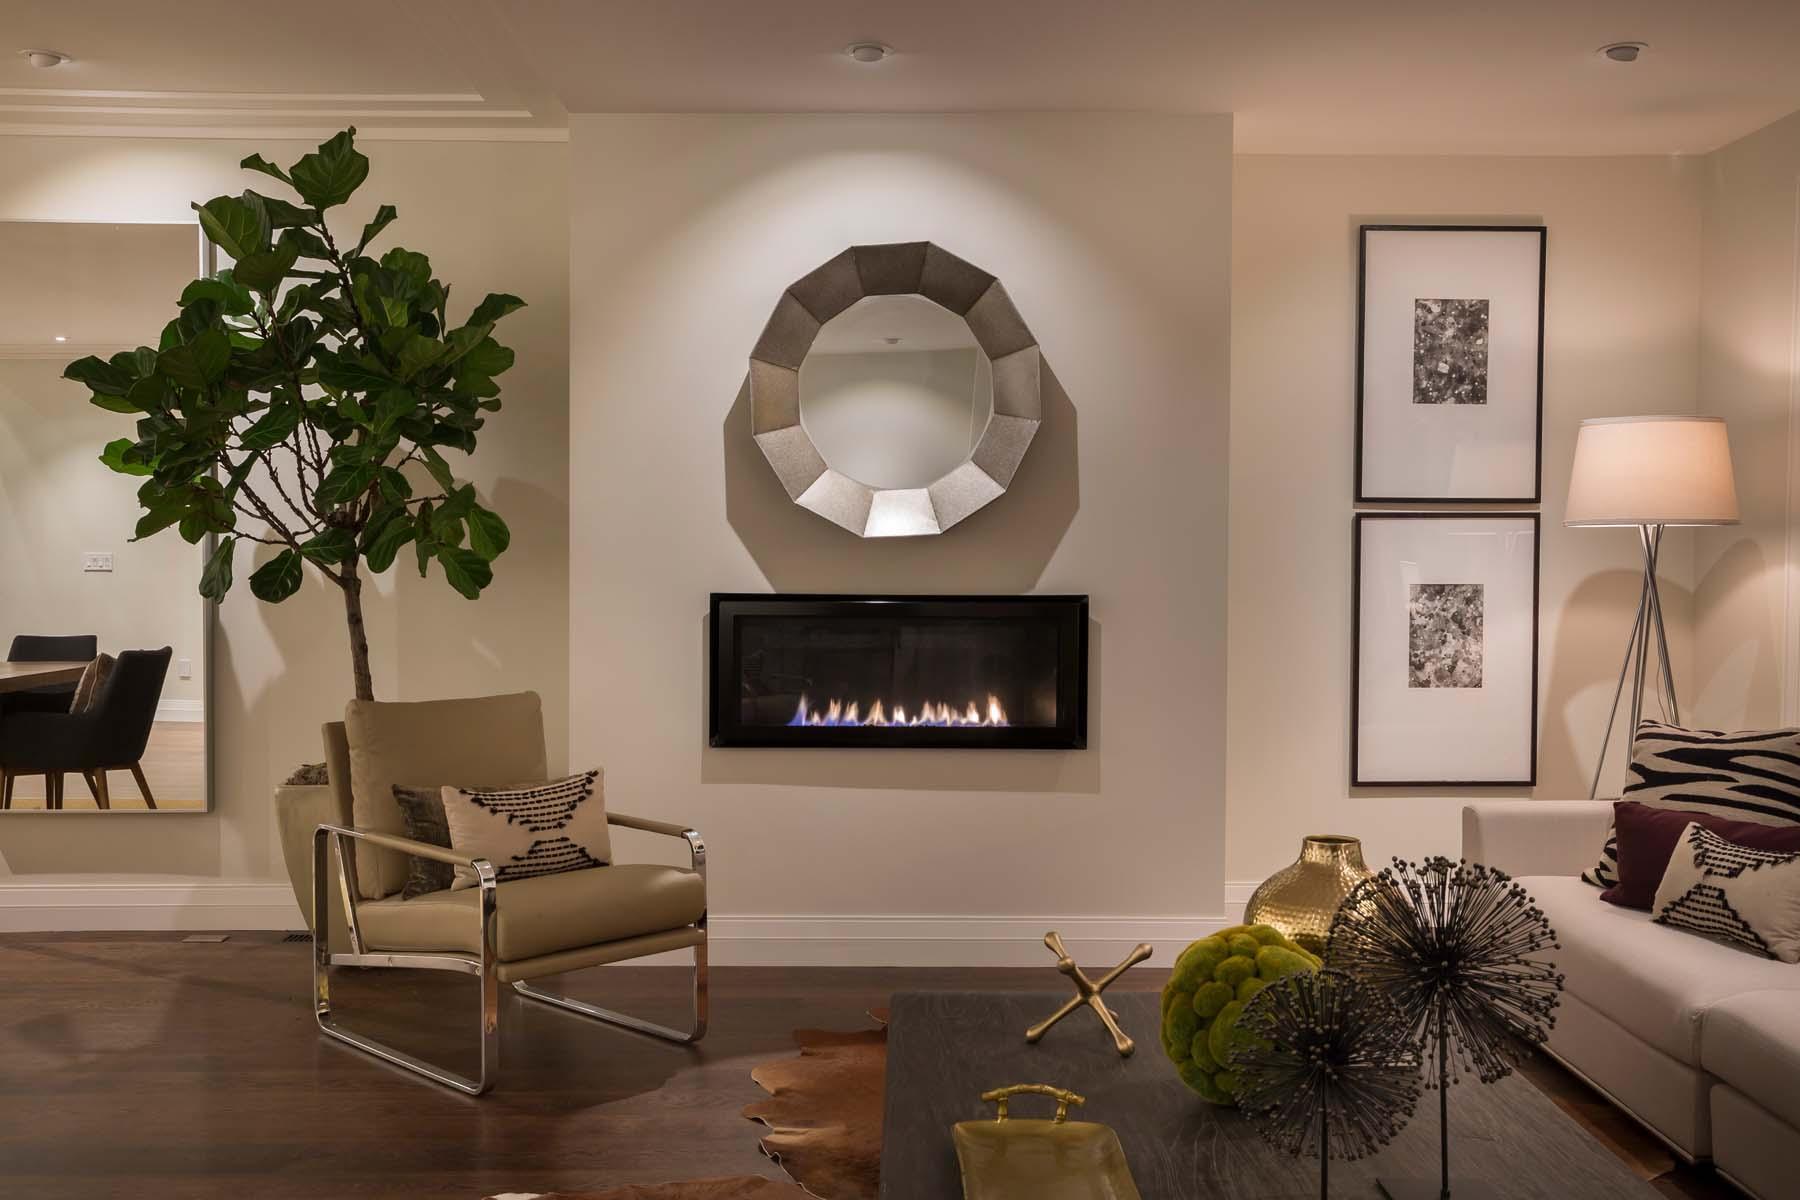 Fireplace Description Part - 23: Project Description